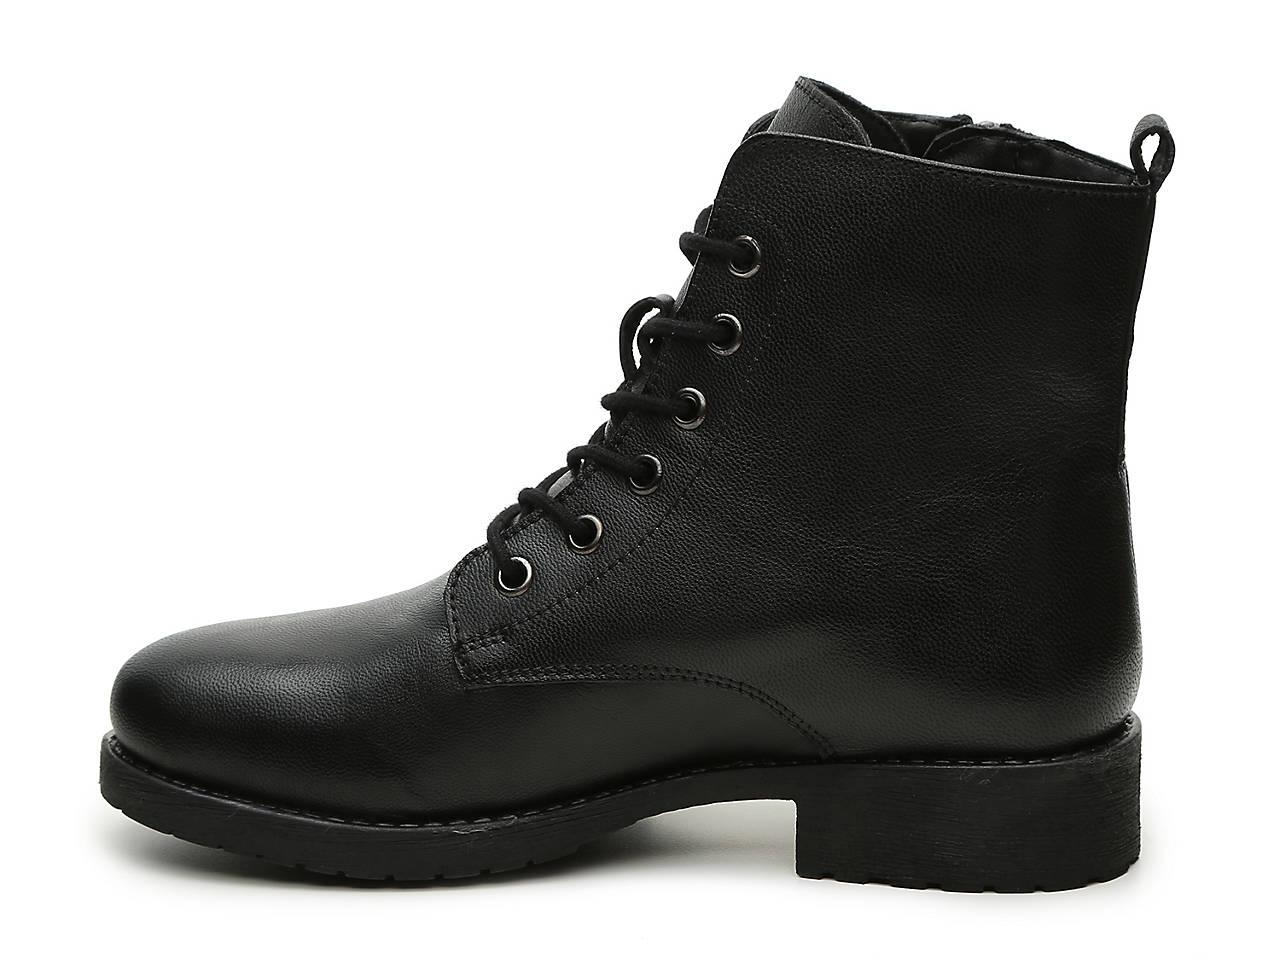 35463b21995 Steve Madden Antoine Combat Boot Women s Shoes